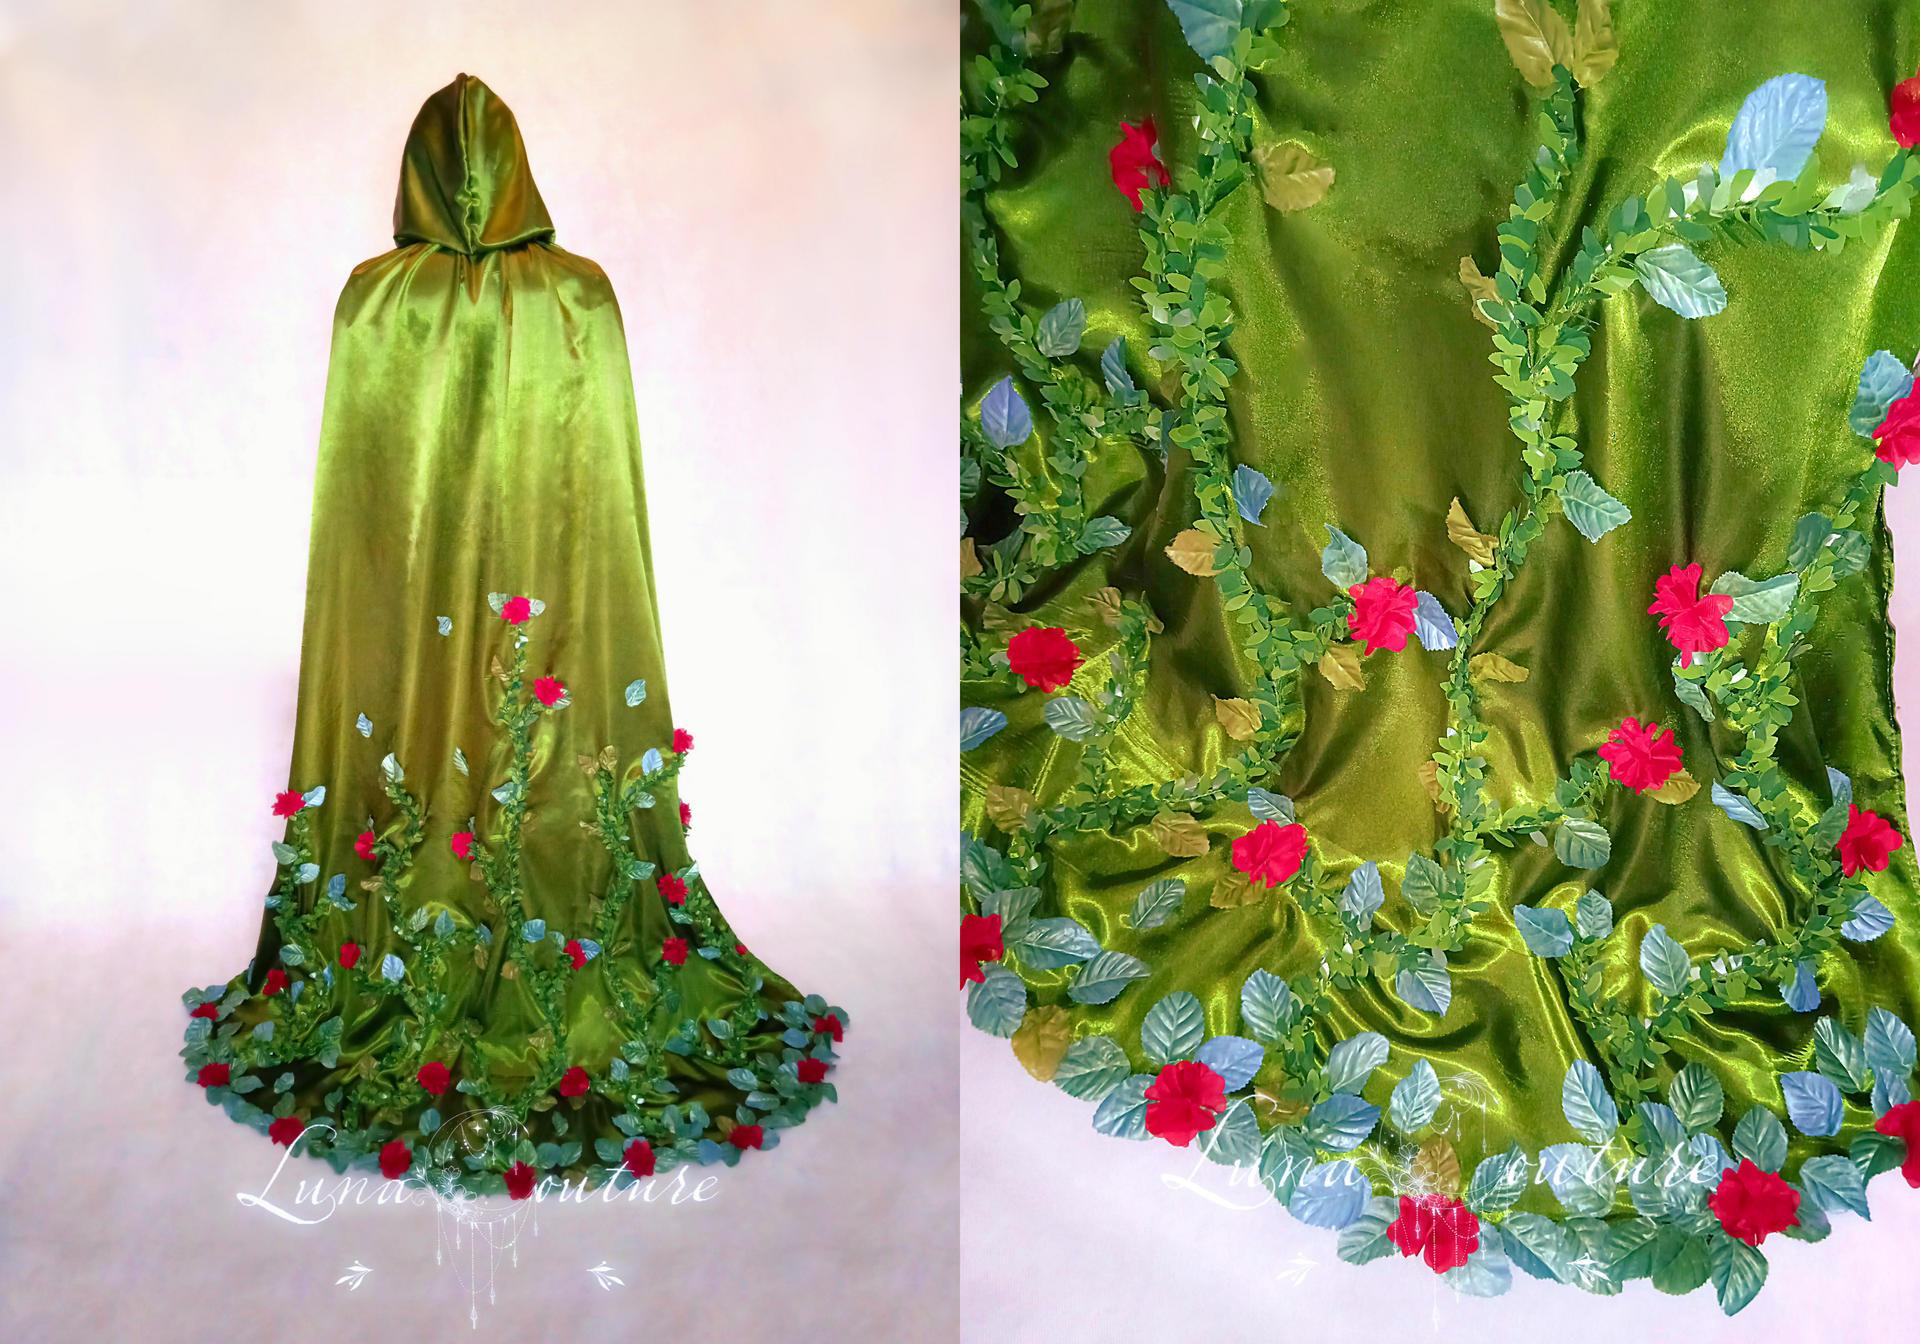 Zirinia's Rose Cloak